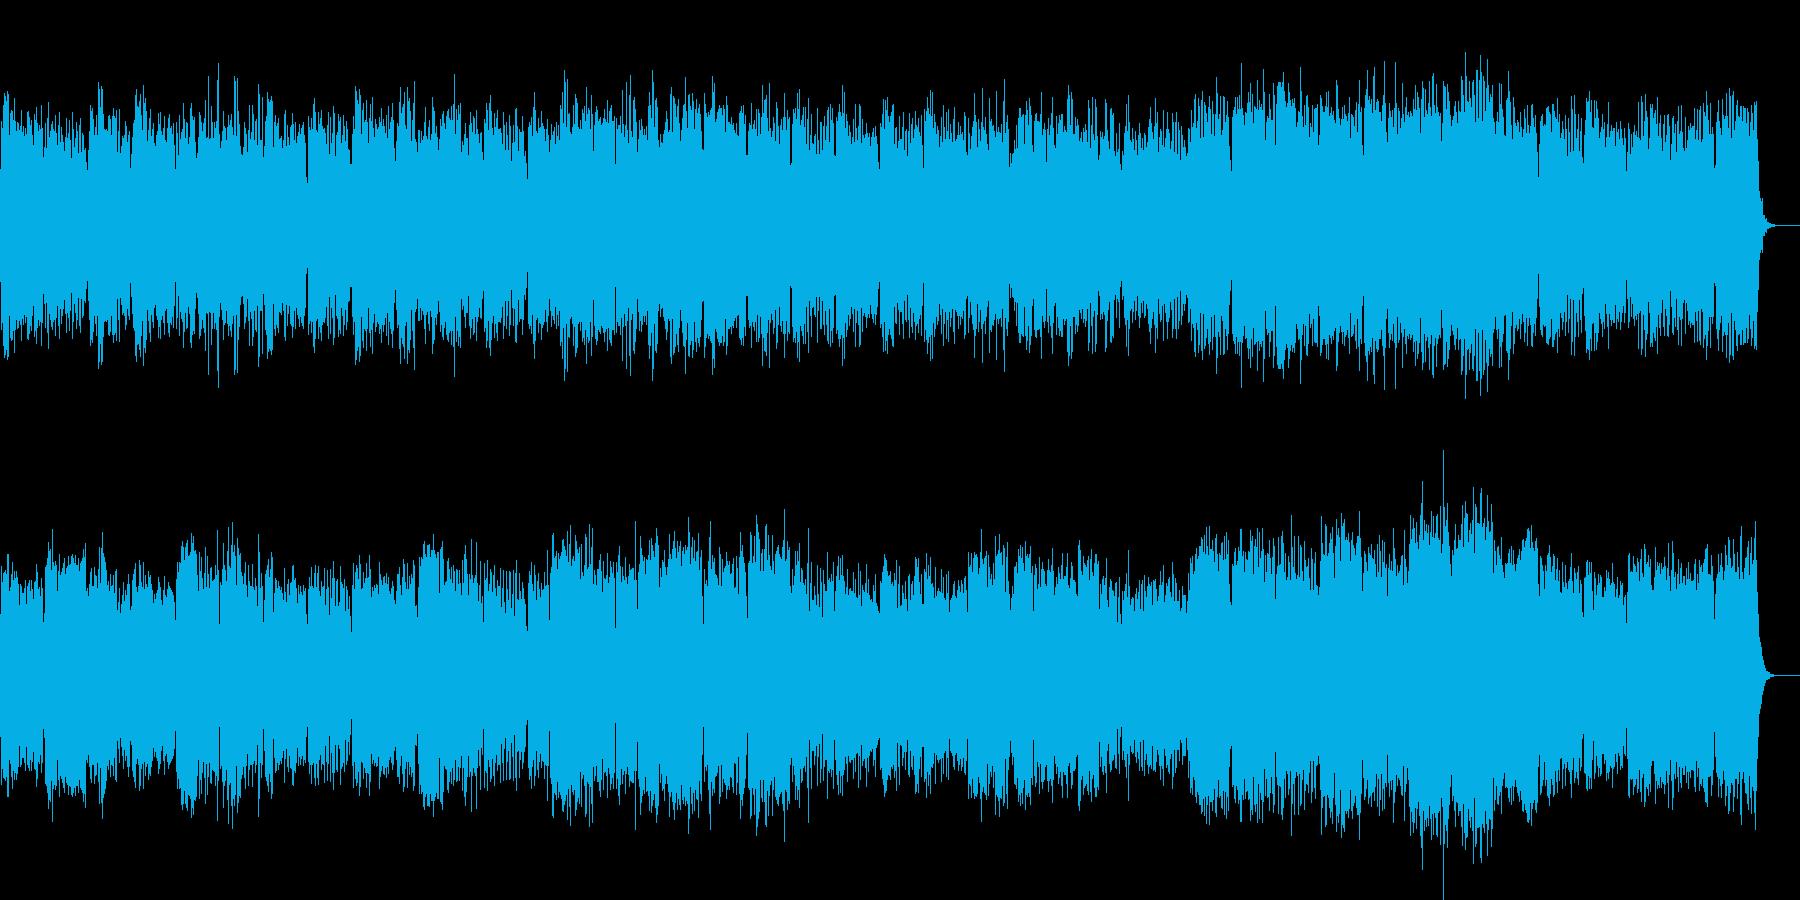 切なさを表現したストリングスの再生済みの波形